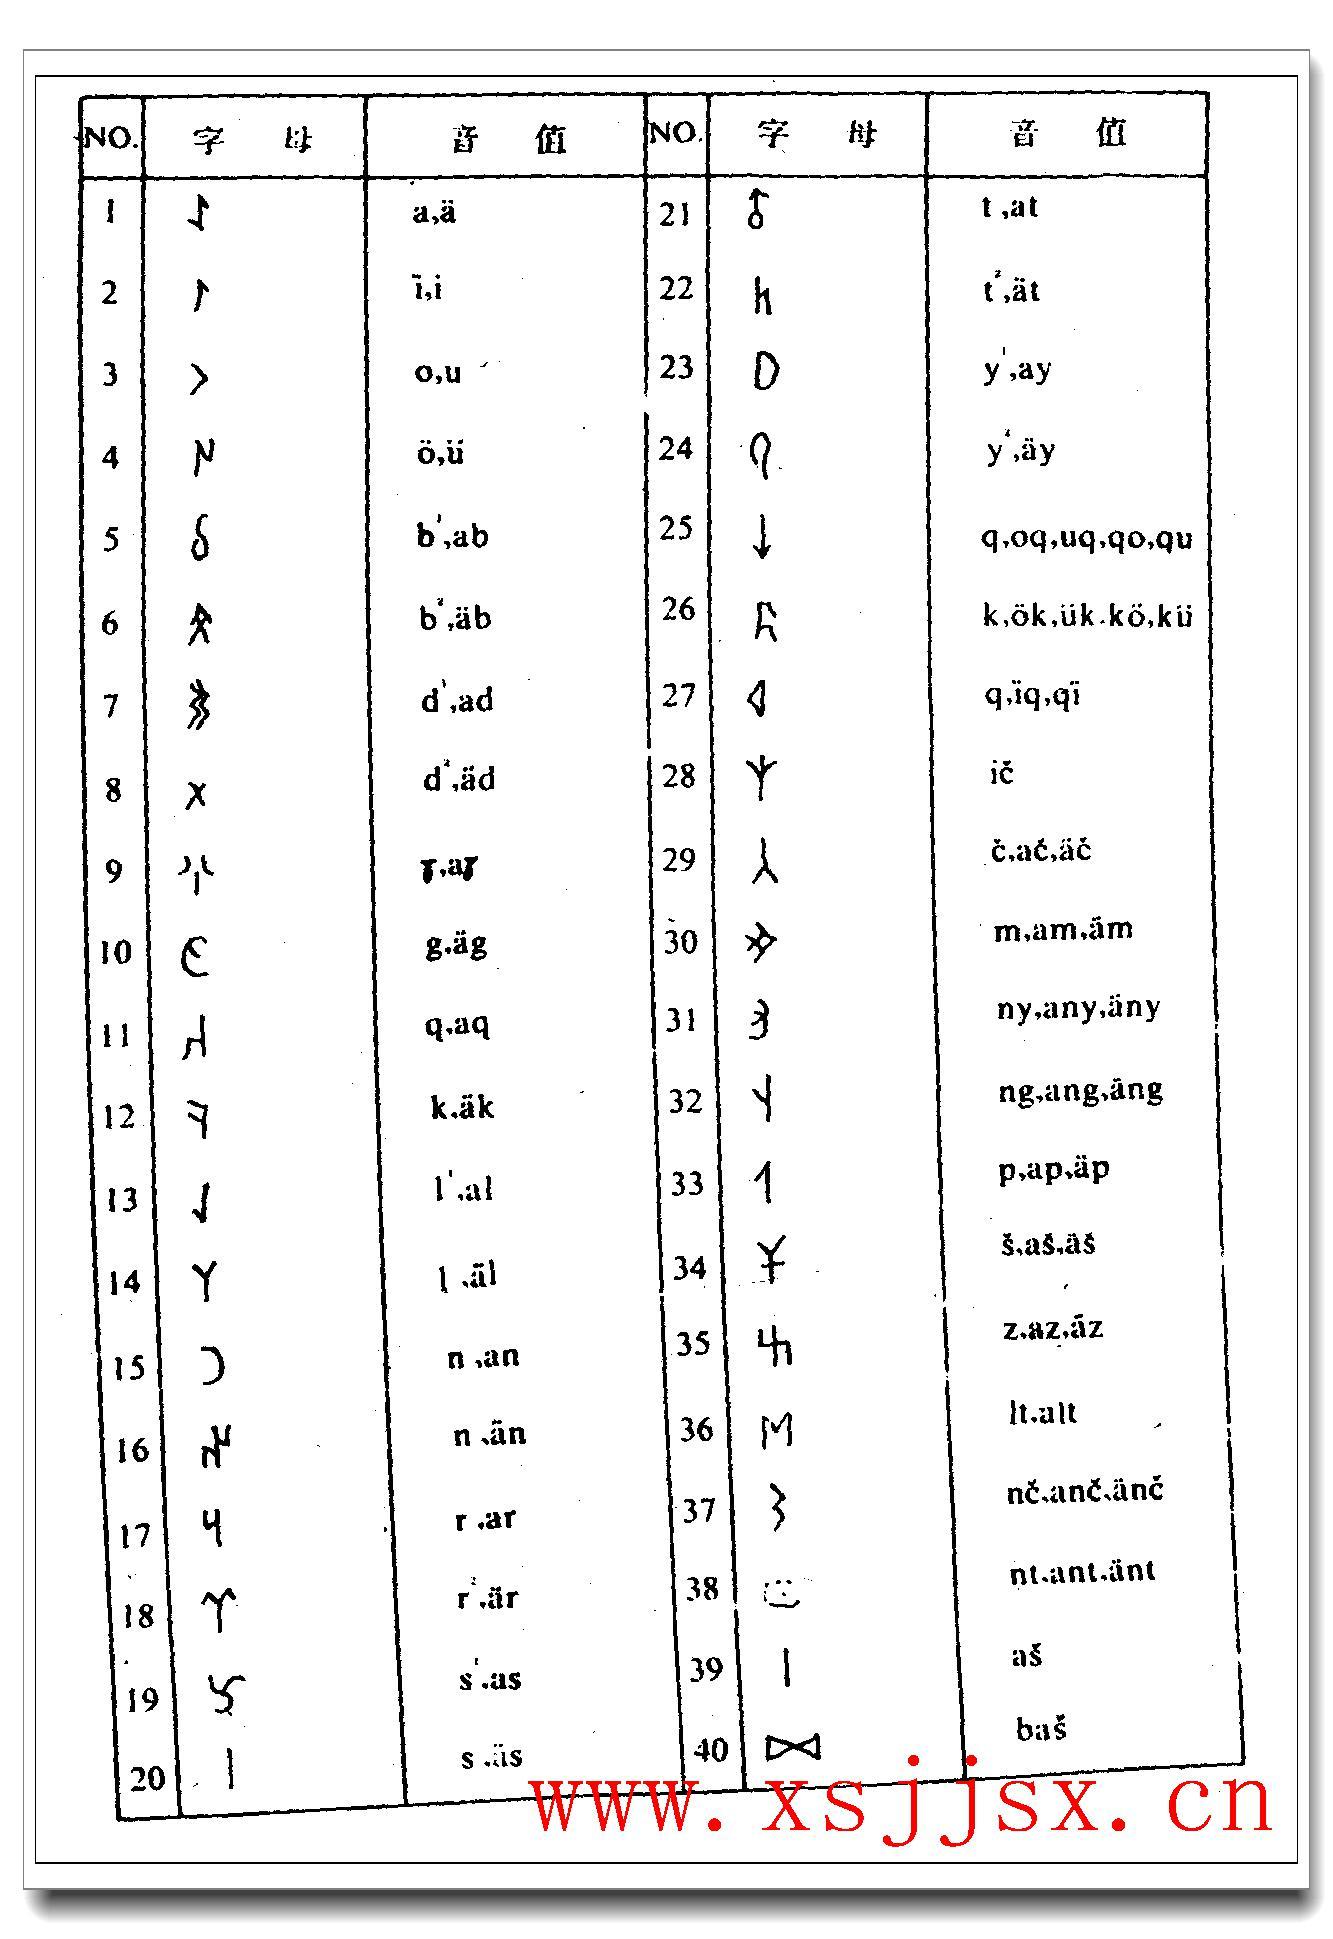 突厥文的拼音_突厥文的读音_突厥文的英文 - 词语突厥文